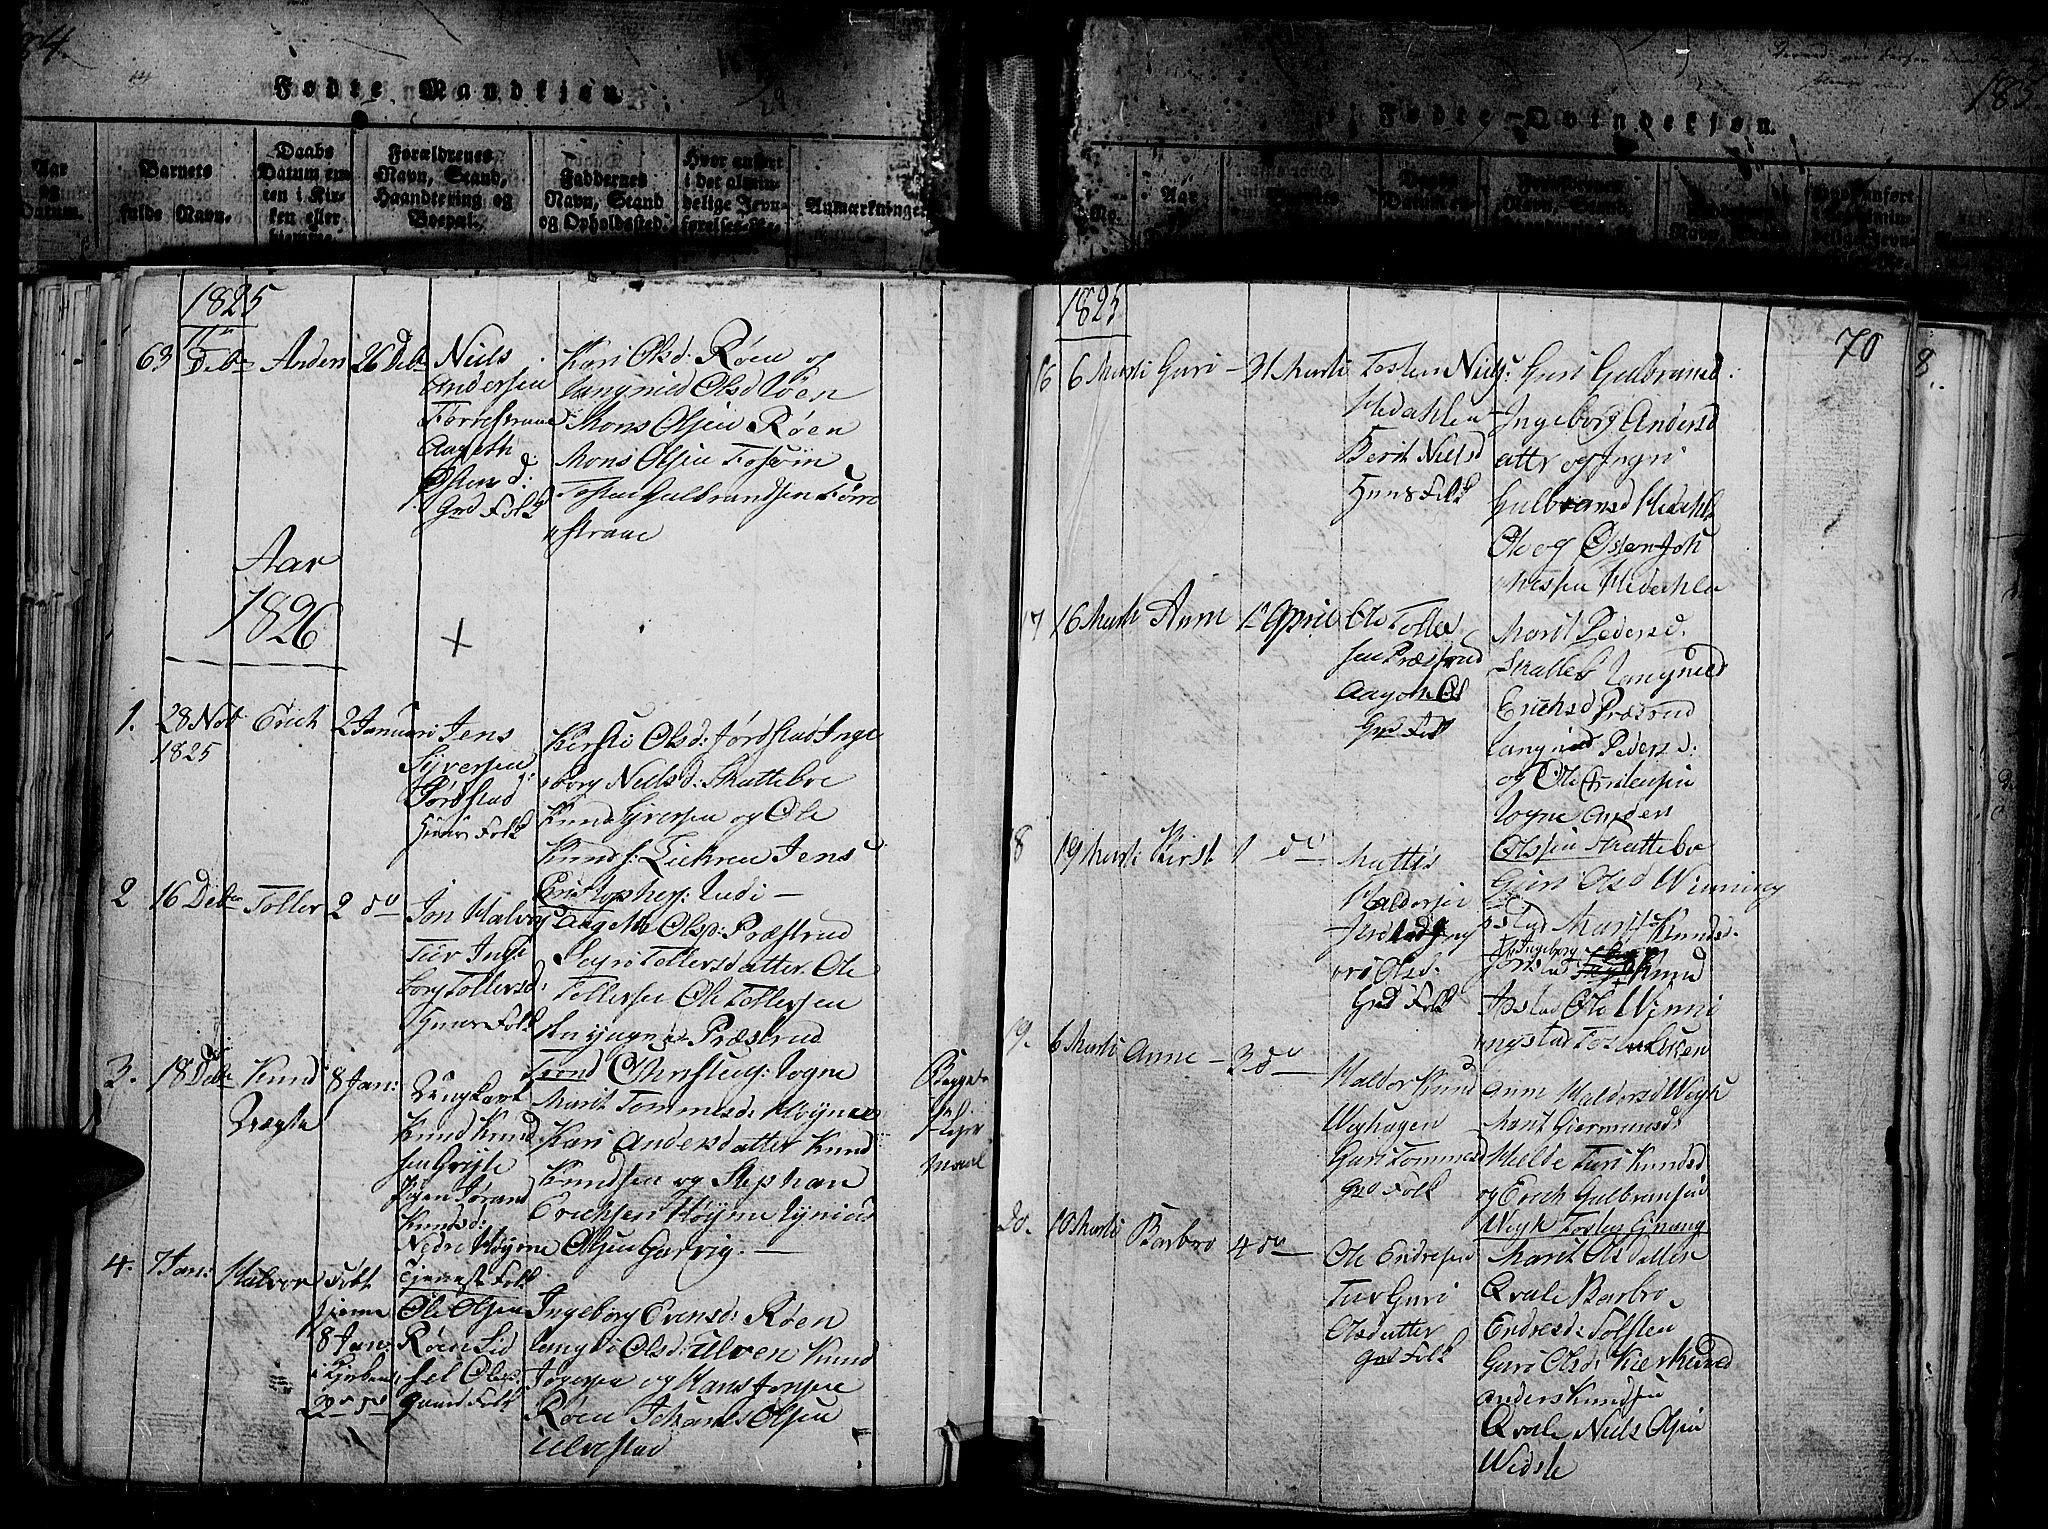 SAH, Slidre prestekontor, Ministerialbok nr. 2, 1814-1830, s. 186t